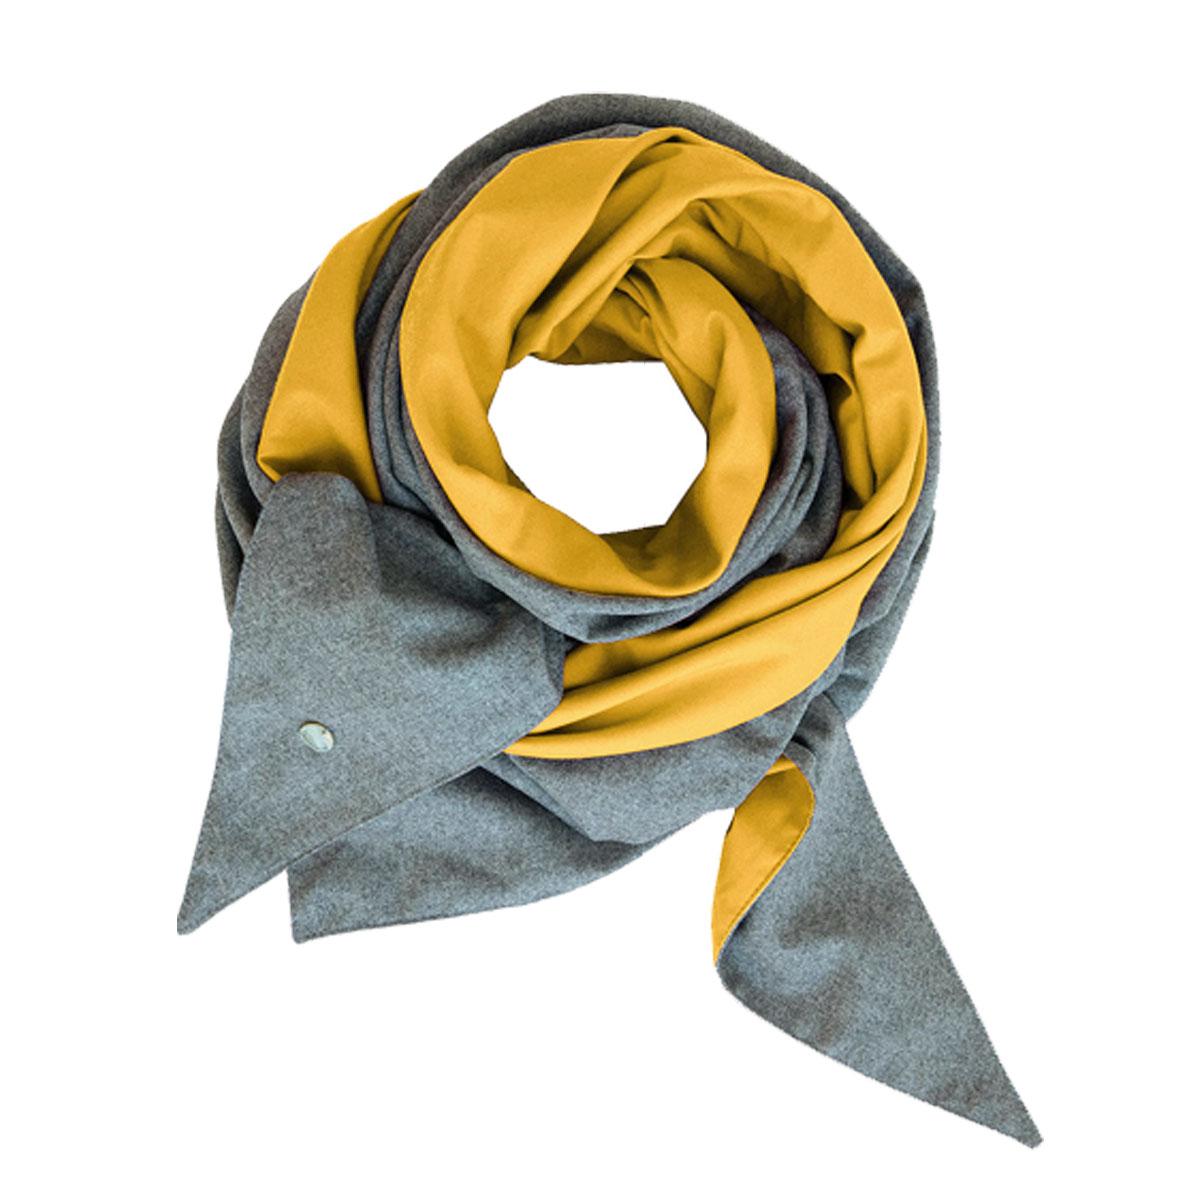 Trendfarbe Gelb, Schultertuch aus Merinowolle, Leichtes Umhängetuch für Damen, Wollschal gelb, Loden au Österreich